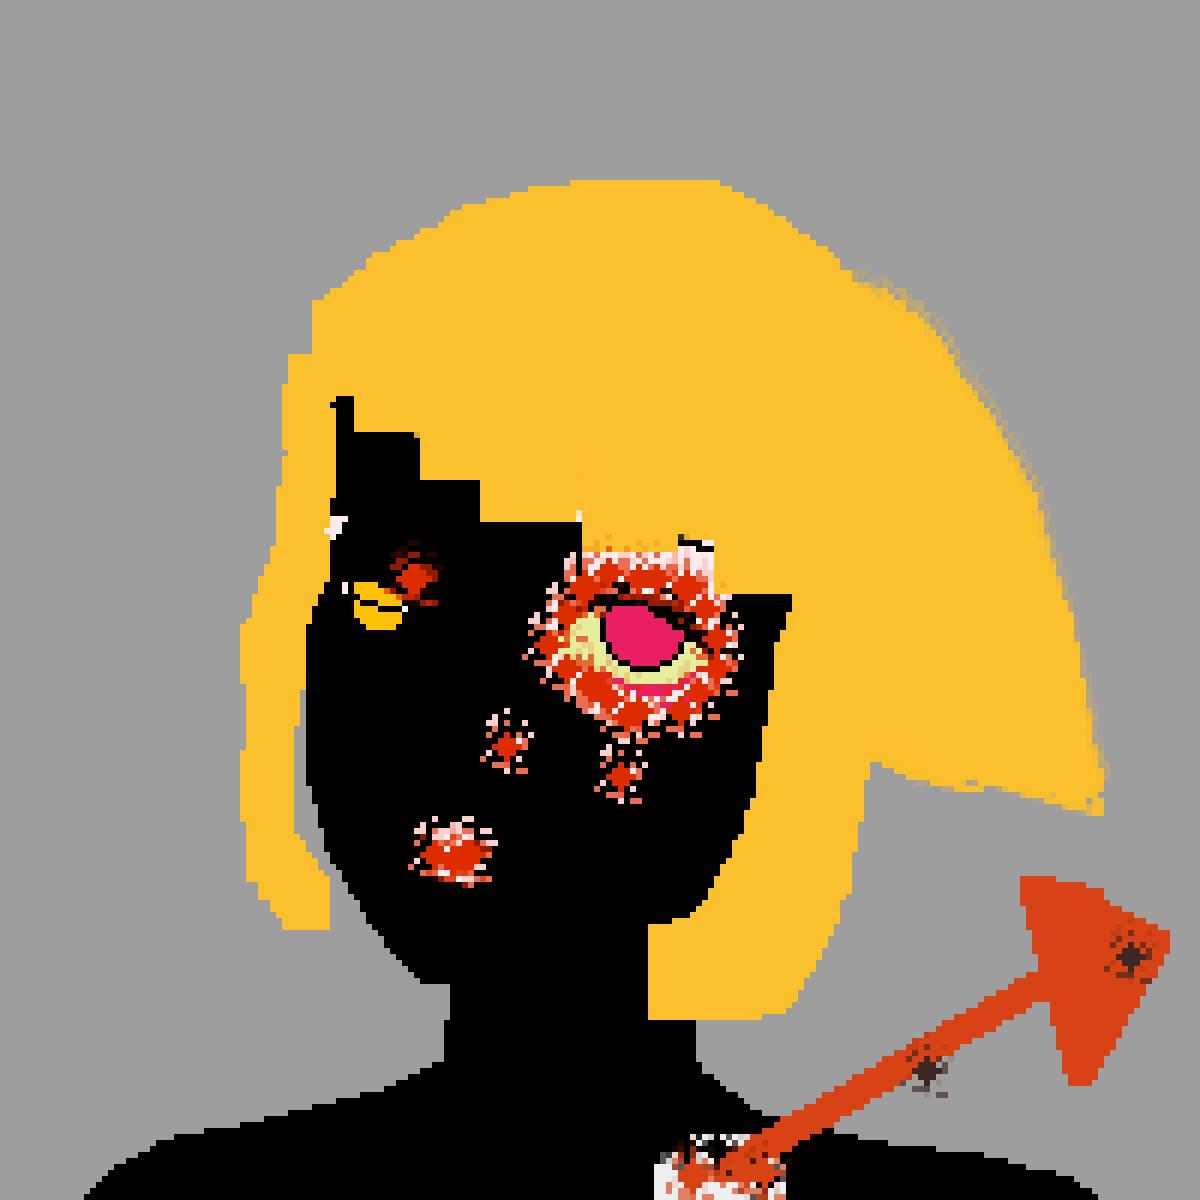 haf aliv by PixelFire